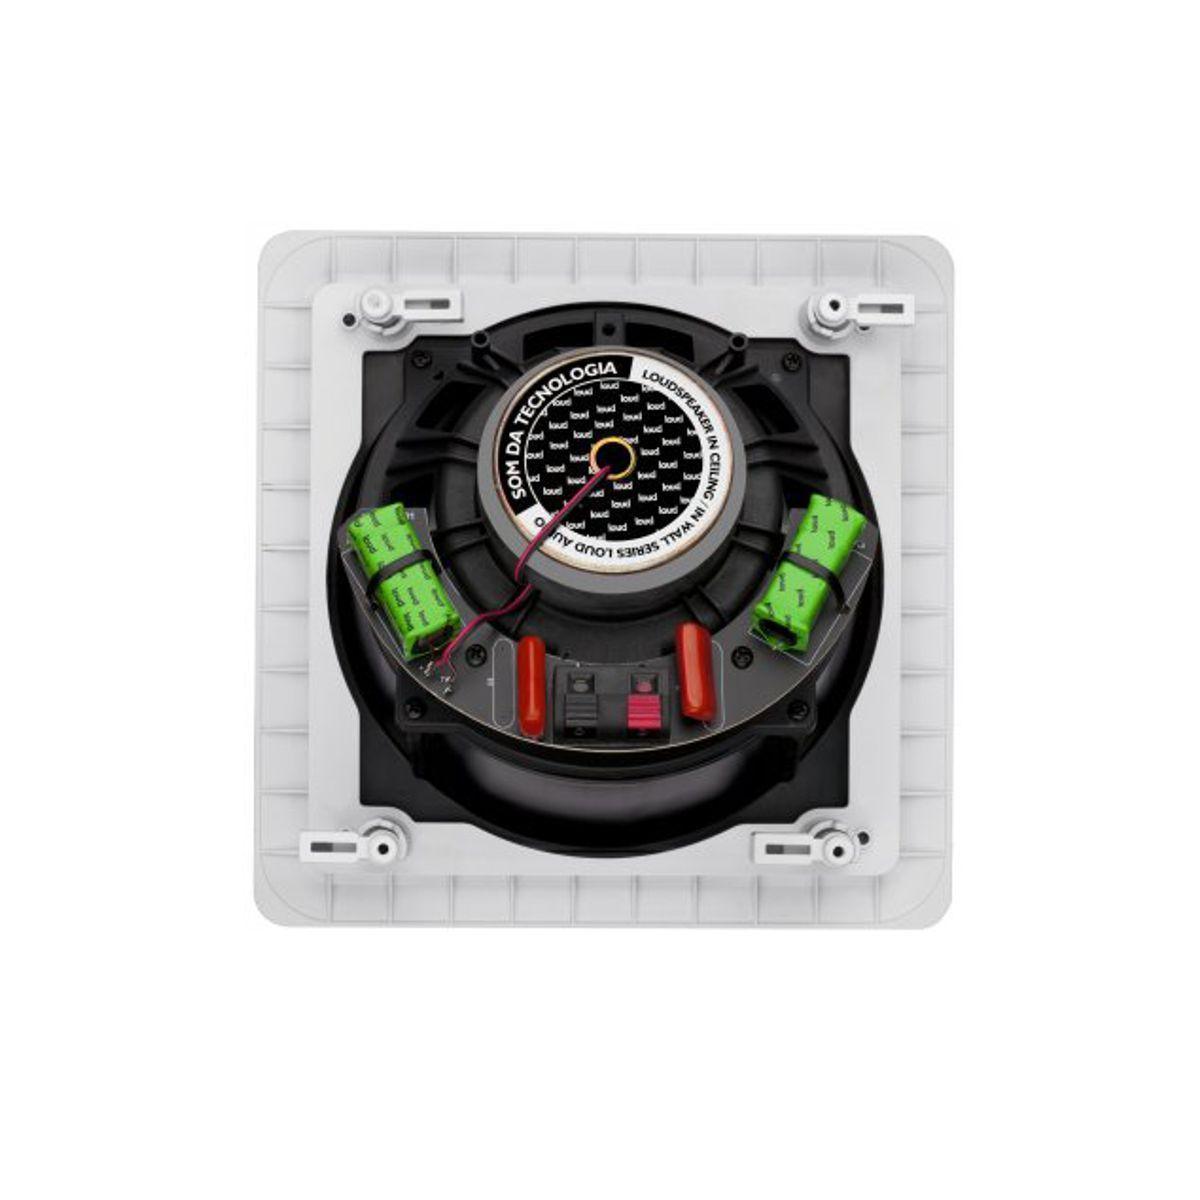 Caixa Acústica de Embutir no Gesso Quadrada Angulada 50W RMS - SL6-50 Loud